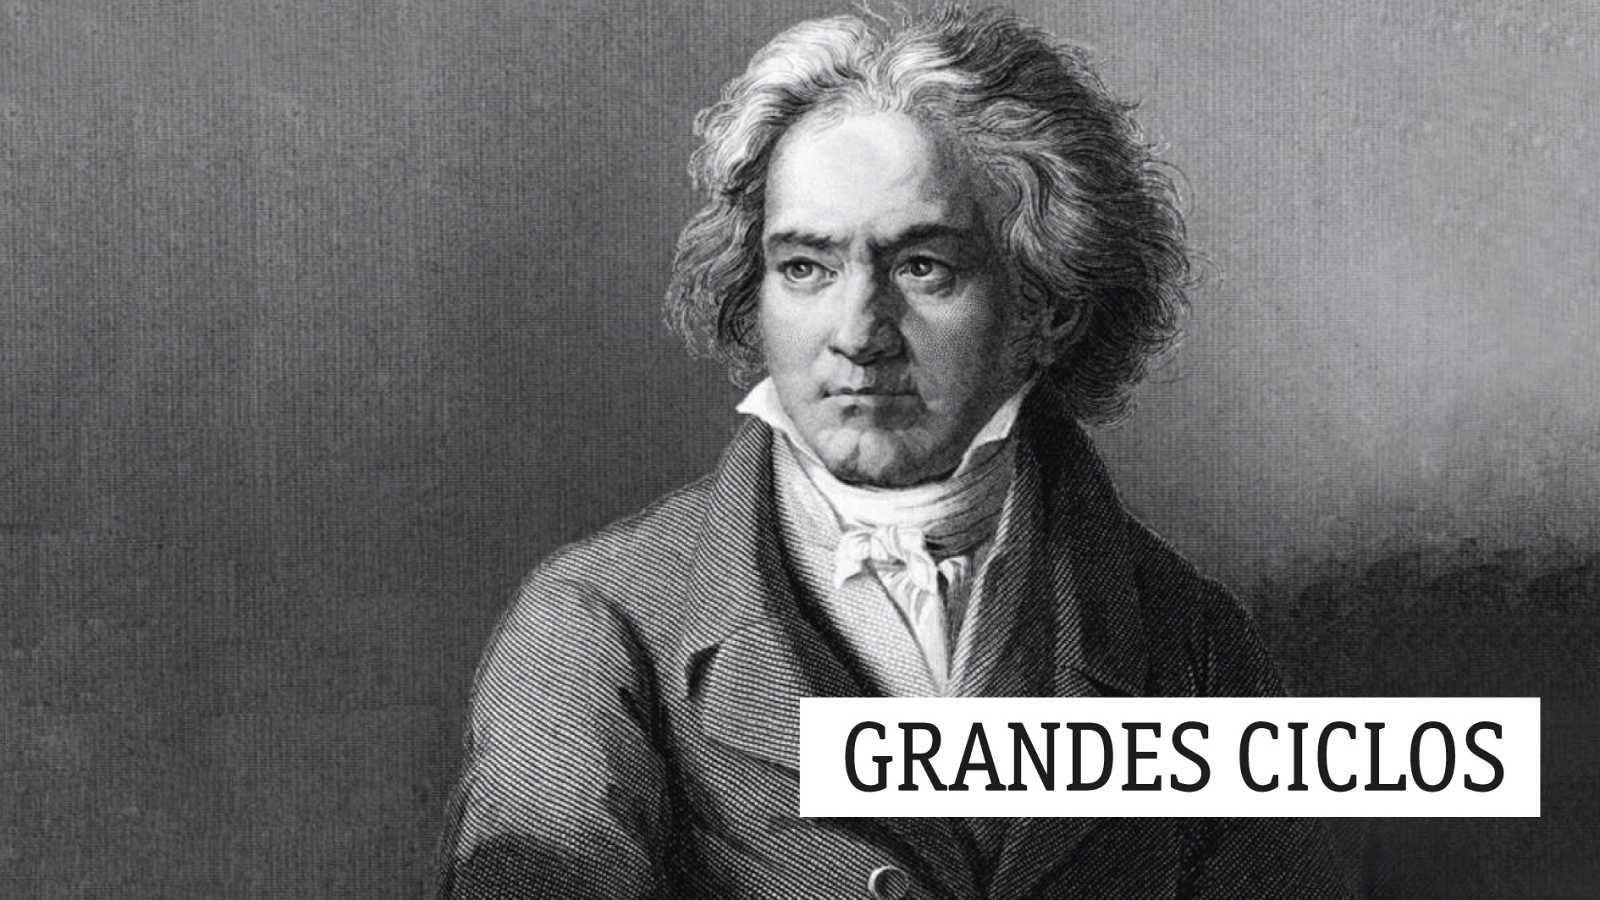 Grandes ciclos - L. van Beethoven (LXXIV): Un doble aniversario - 22/05/20 - escuchar ahora